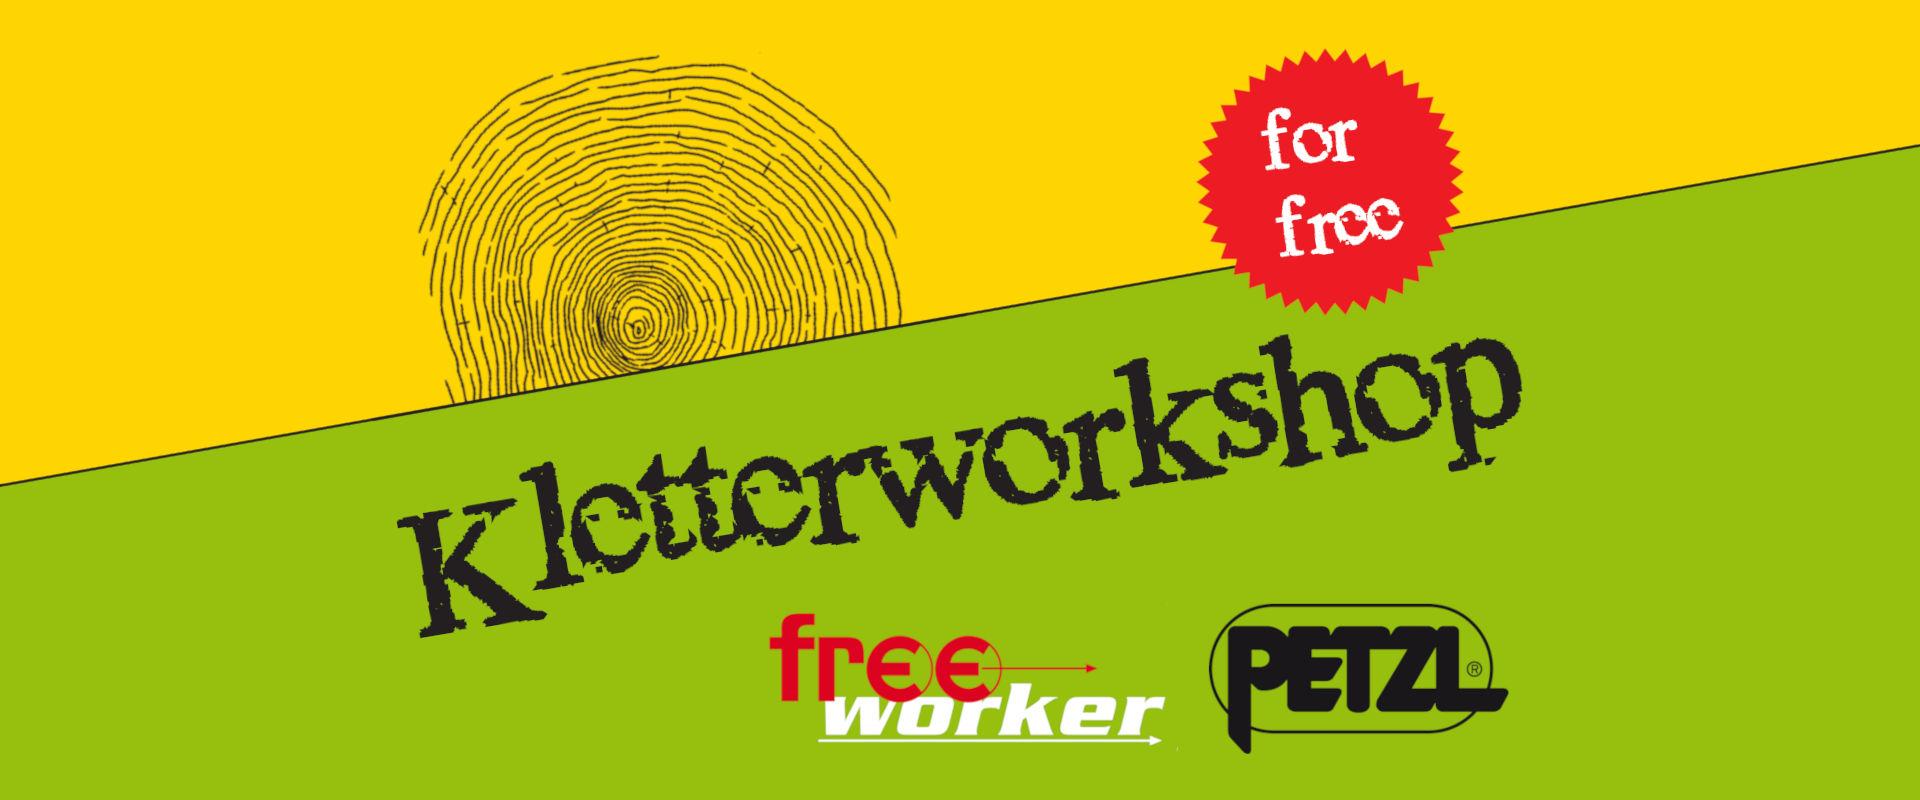 Permalink zu:Sei dabei! 2. Kletterworkshop von Freeworker und Petzl Deutschland